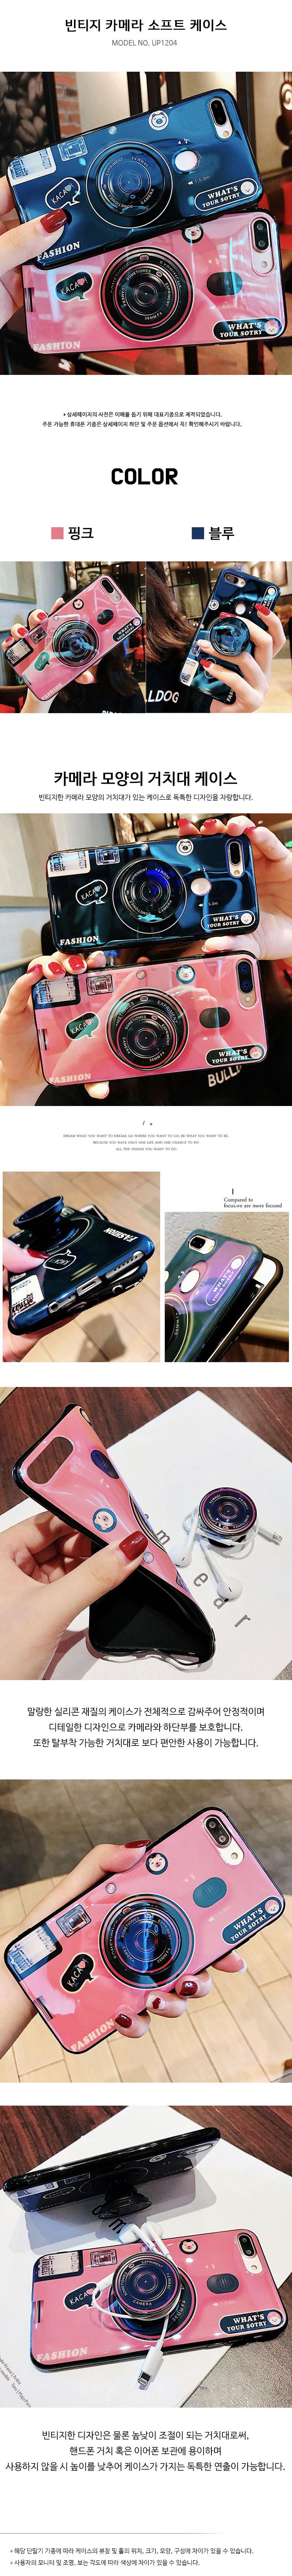 갤럭시S10 5G 노트10 S10플러스 카메라 그립톡 케이스 - 유니커블, 6,600원, 케이스, 갤럭시S10